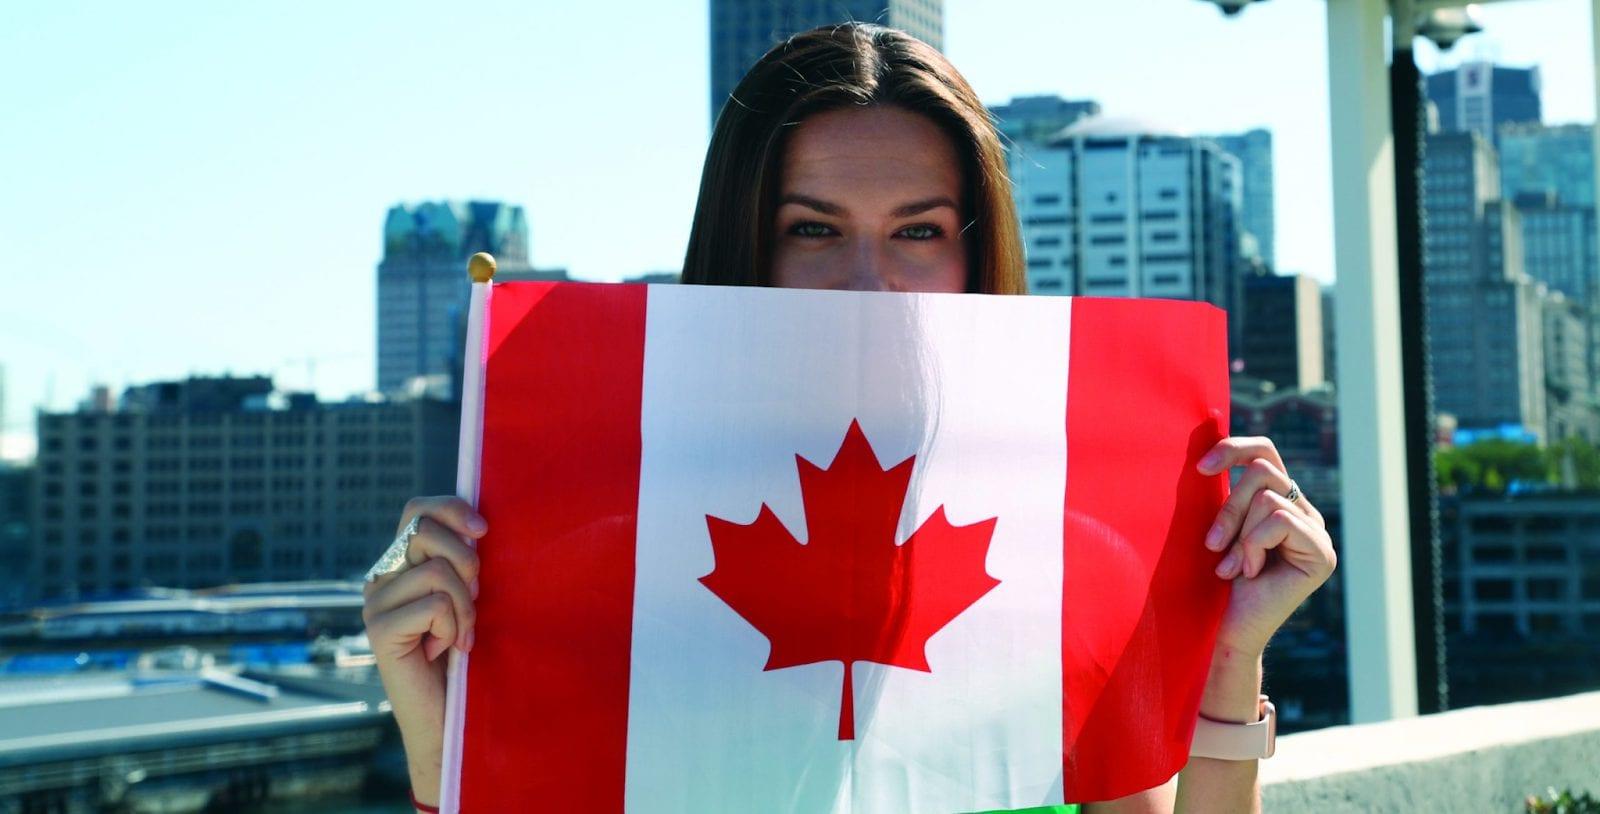 quốc kỳ canada, quốc kỳ của canada, quốc kỳ canada có hình lá gì, ý nghĩa quốc kỳ canada, lá trên quốc kỳ canada, biểu tượng quốc kỳ canada, hình ảnh quốc kỳ canada, quốc kỳ của nước canada, ý nghĩa của quốc kỳ canada